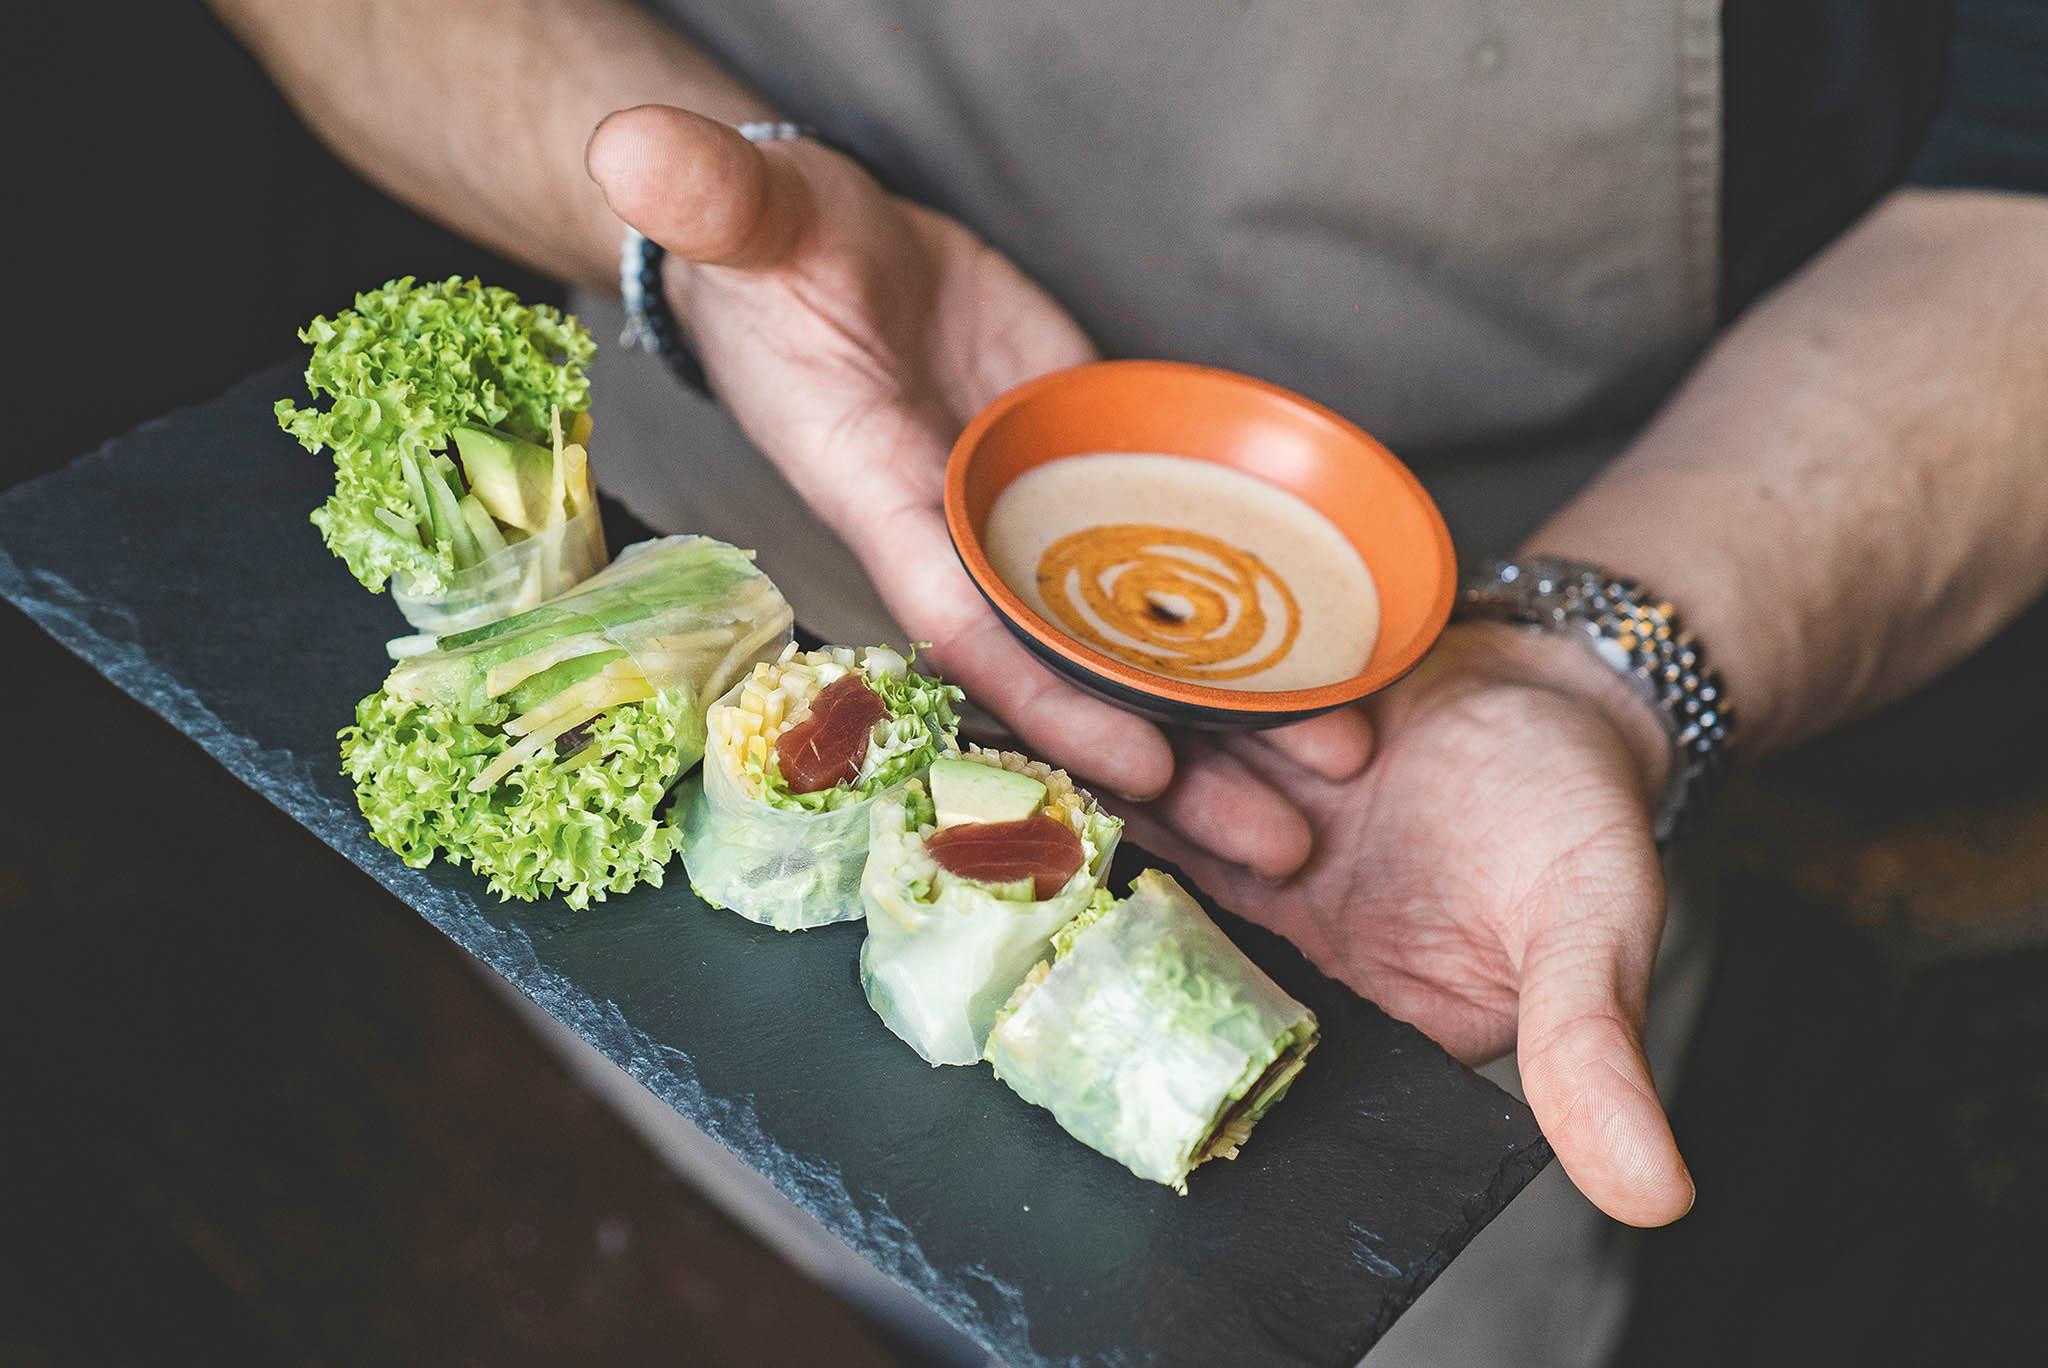 Vedle sushi jsou oblíbené také letní závitky.